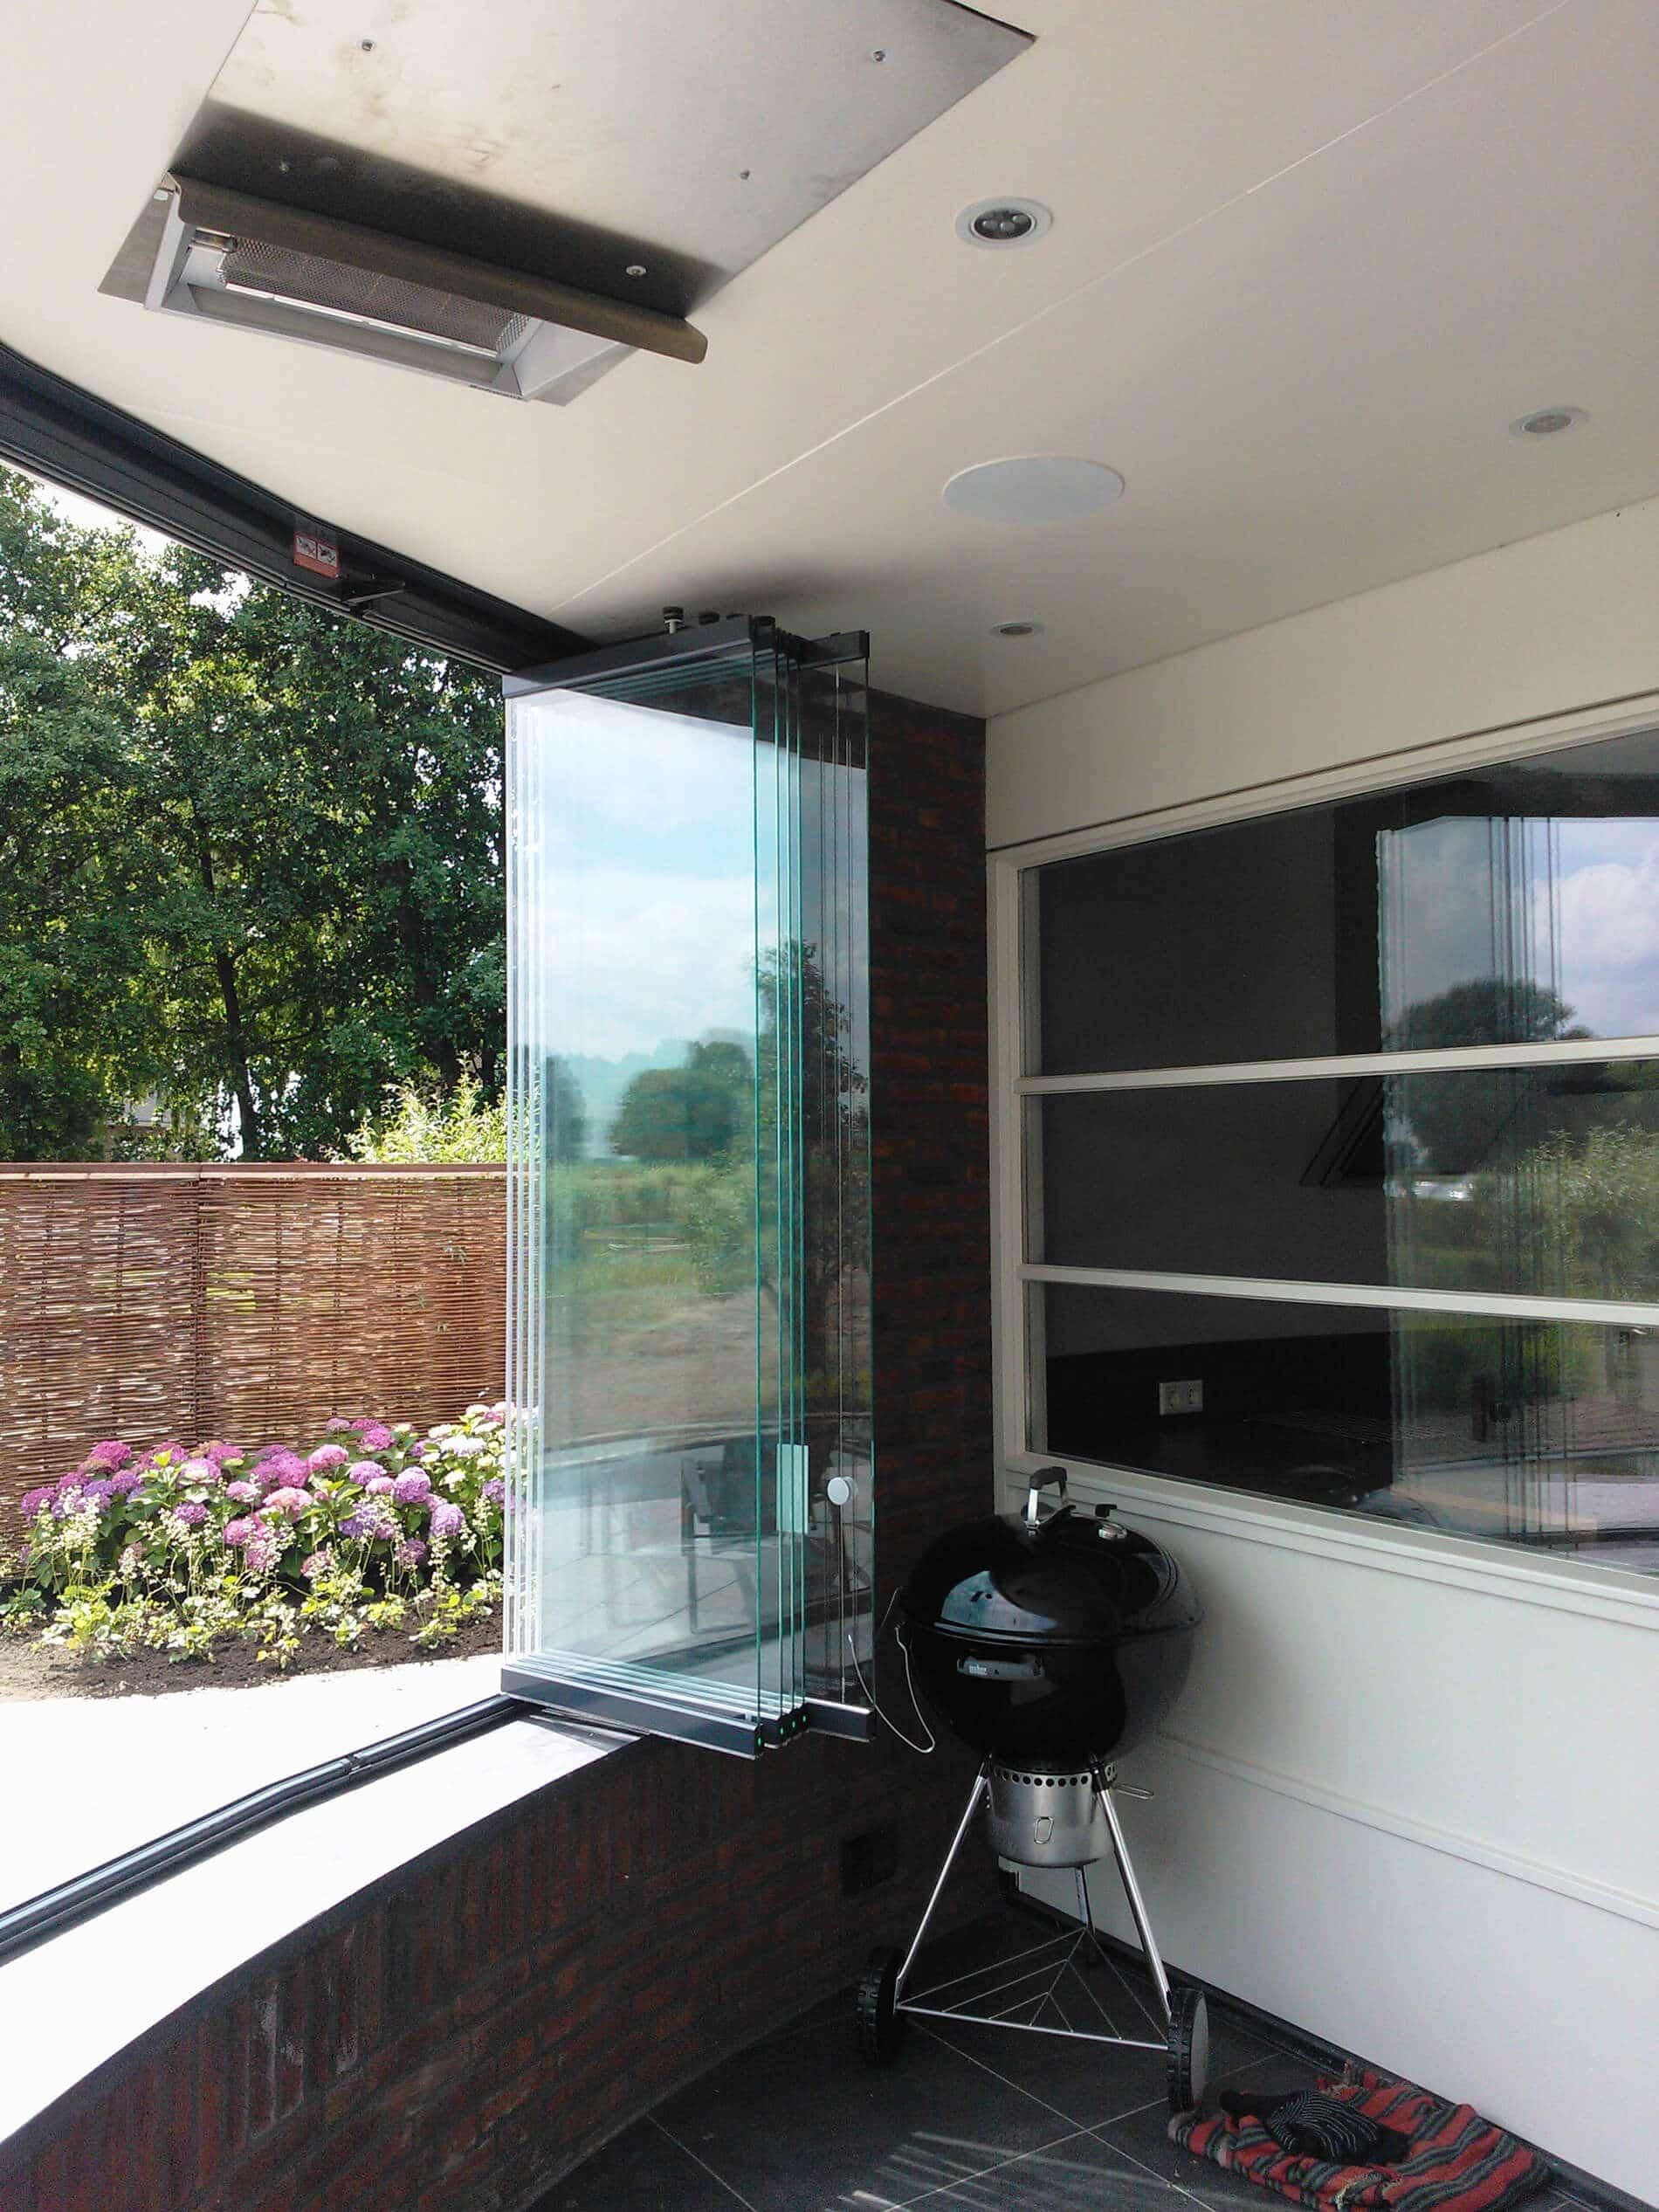 Schiebe-Dreh-Fenster für Verglasung Balkon